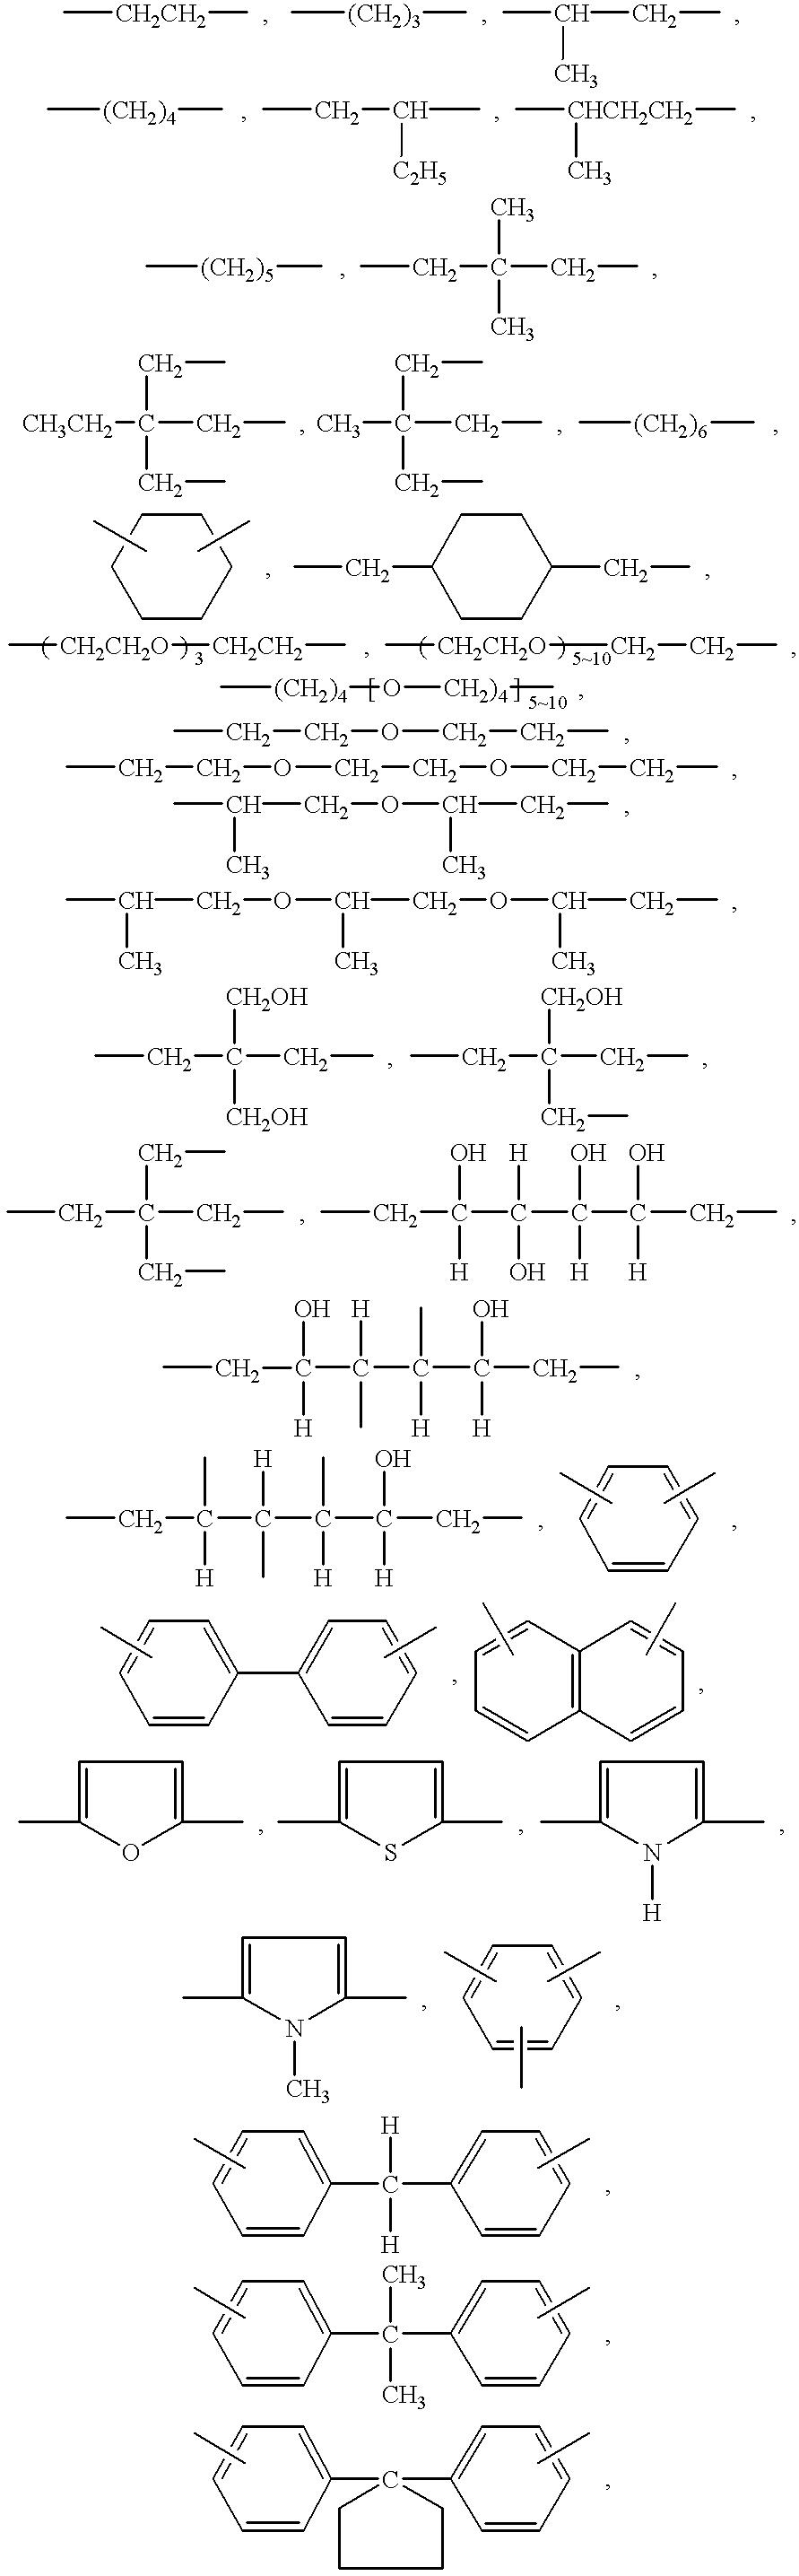 Figure US06309796-20011030-C00024